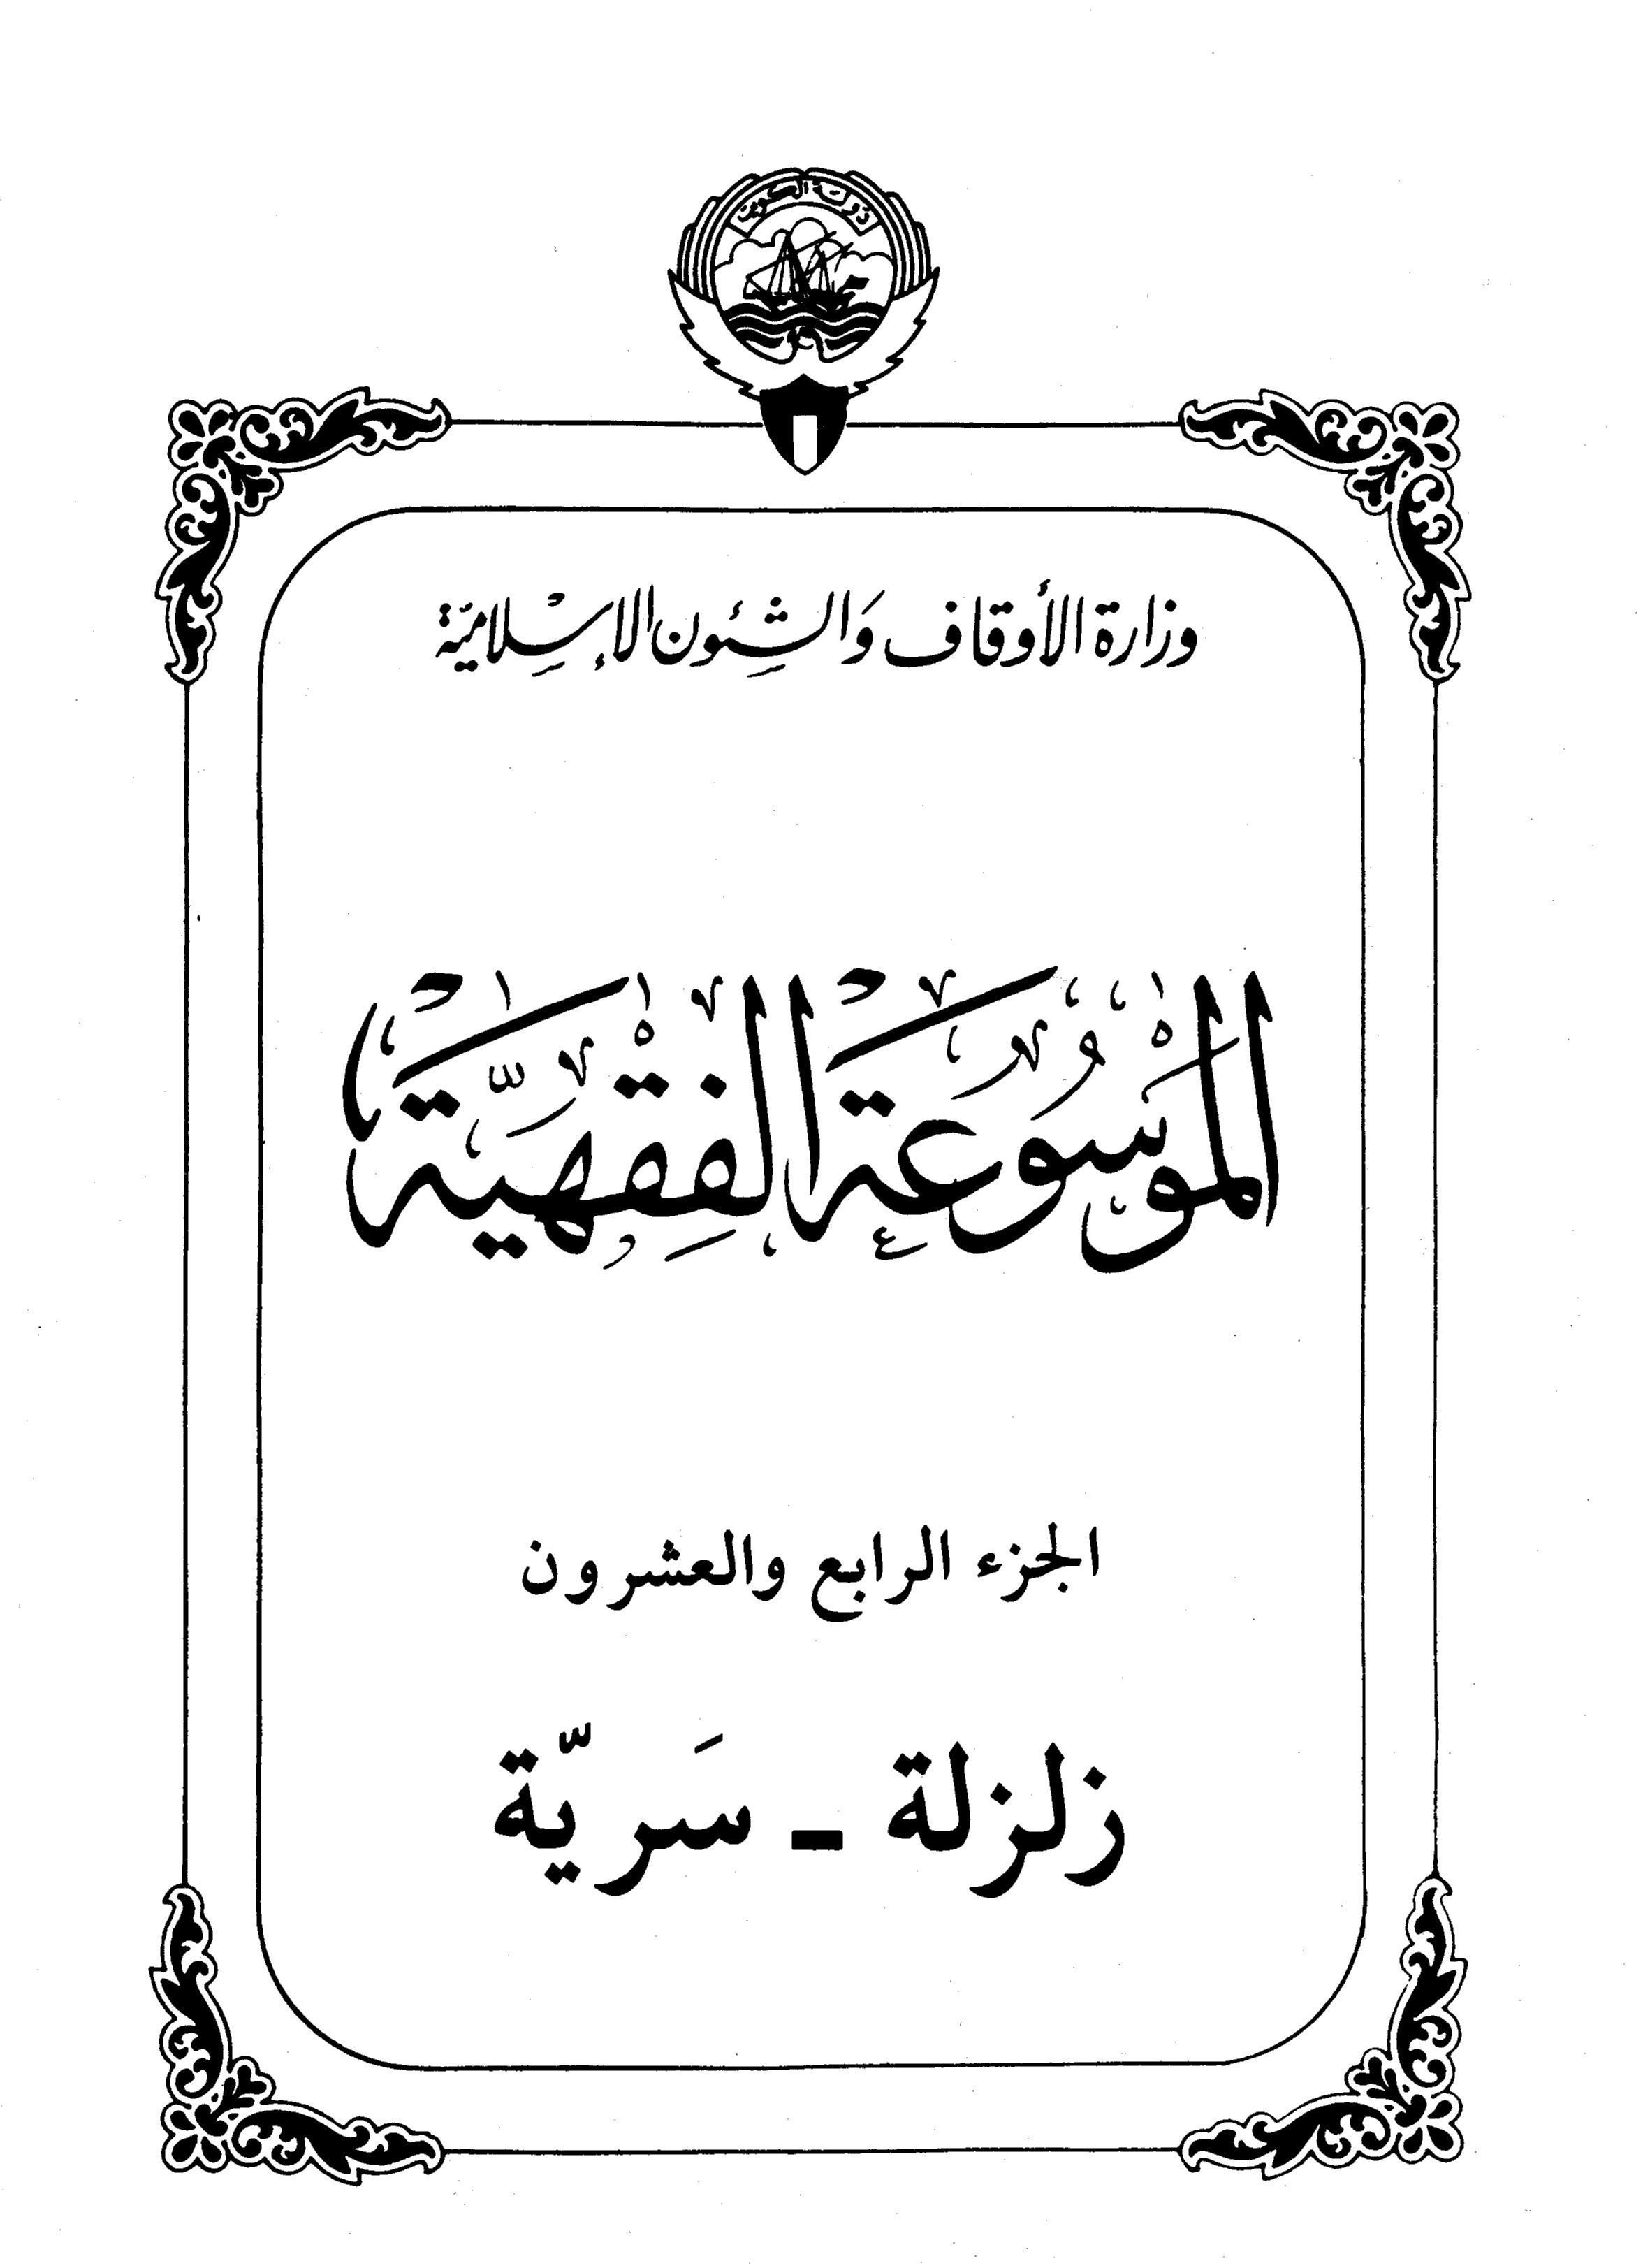 الموسوعة الفقهية الكويتية- الجزء الرابع والعشرون (زلزلة - سرية)